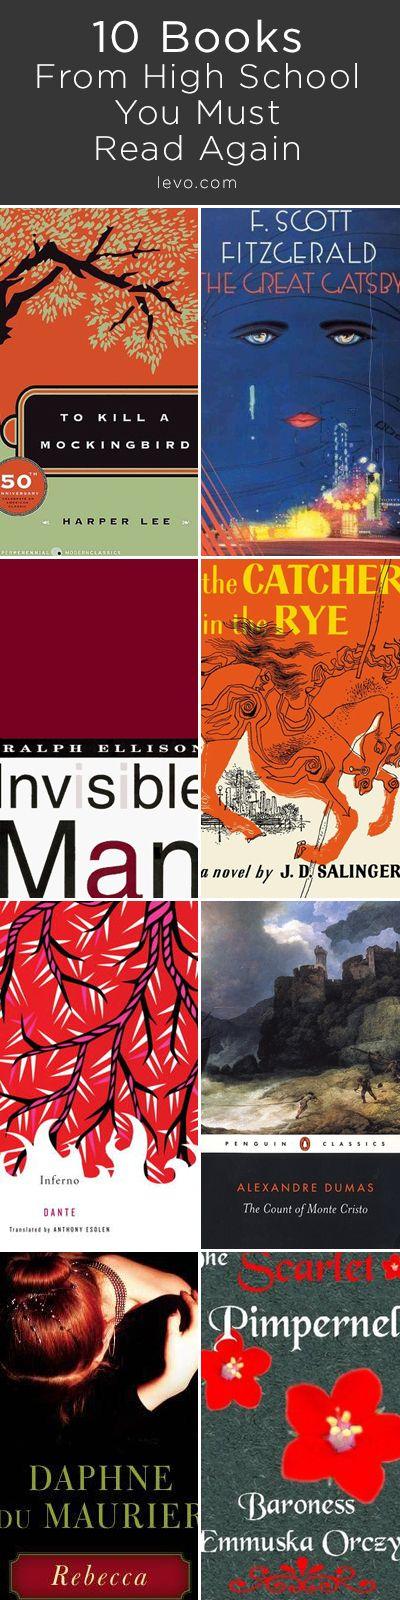 25+ best ideas about High school books on Pinterest | High school ...